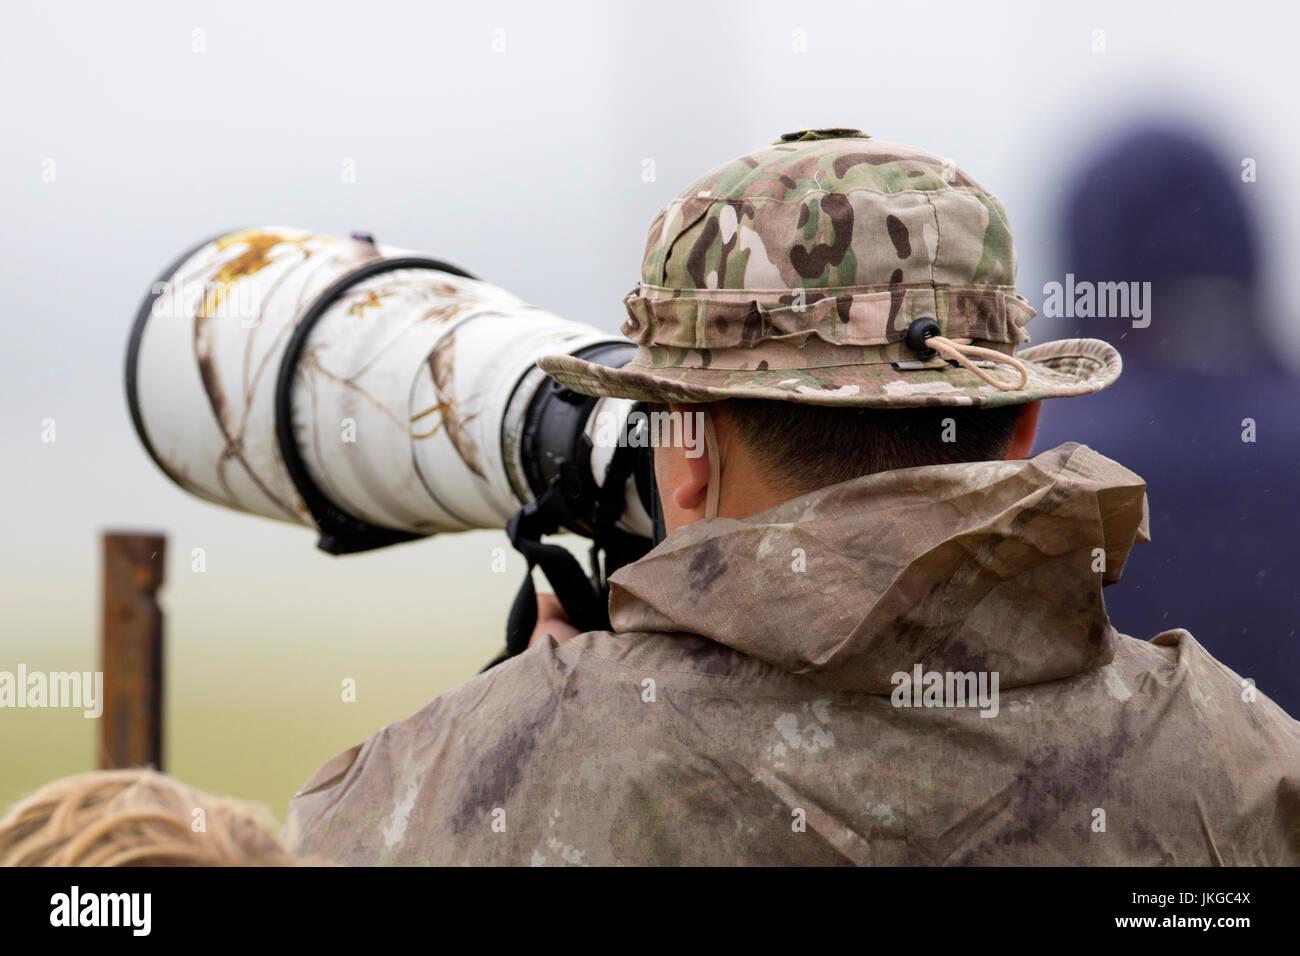 Fotografo professionista che indossa il camuffamento riprese con una fotocamera Canon e EF500mm f4 super teleobiettivo Immagini Stock